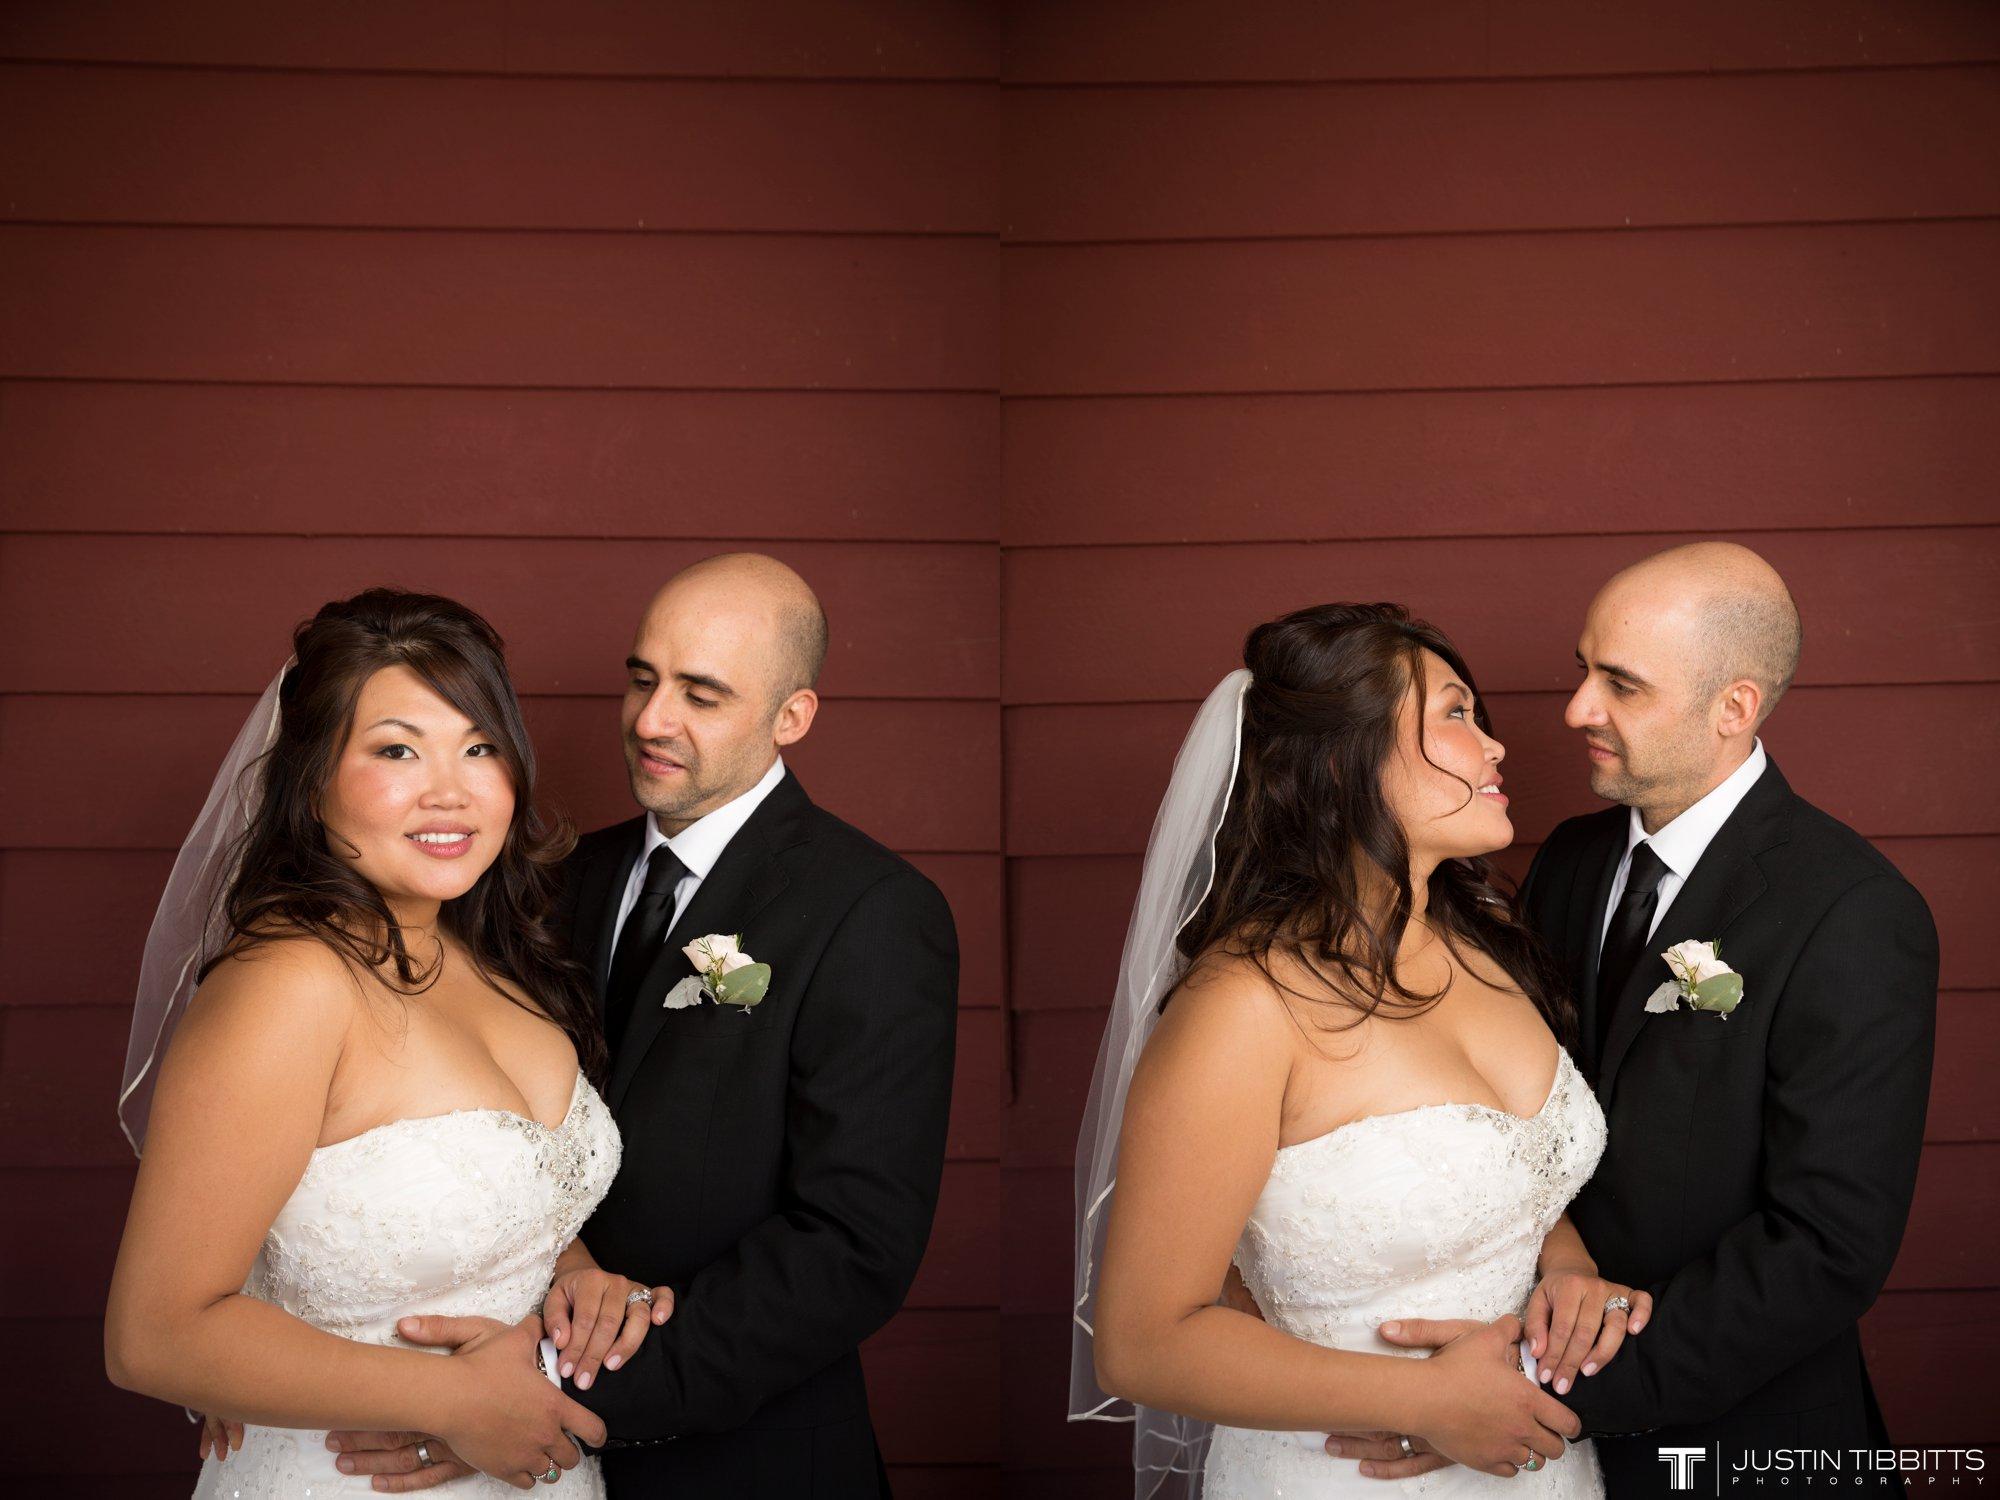 Albany NY Wedding Photographer Justin Tibbitts Photography 2014 Best of Albany NY Weddings-3435642